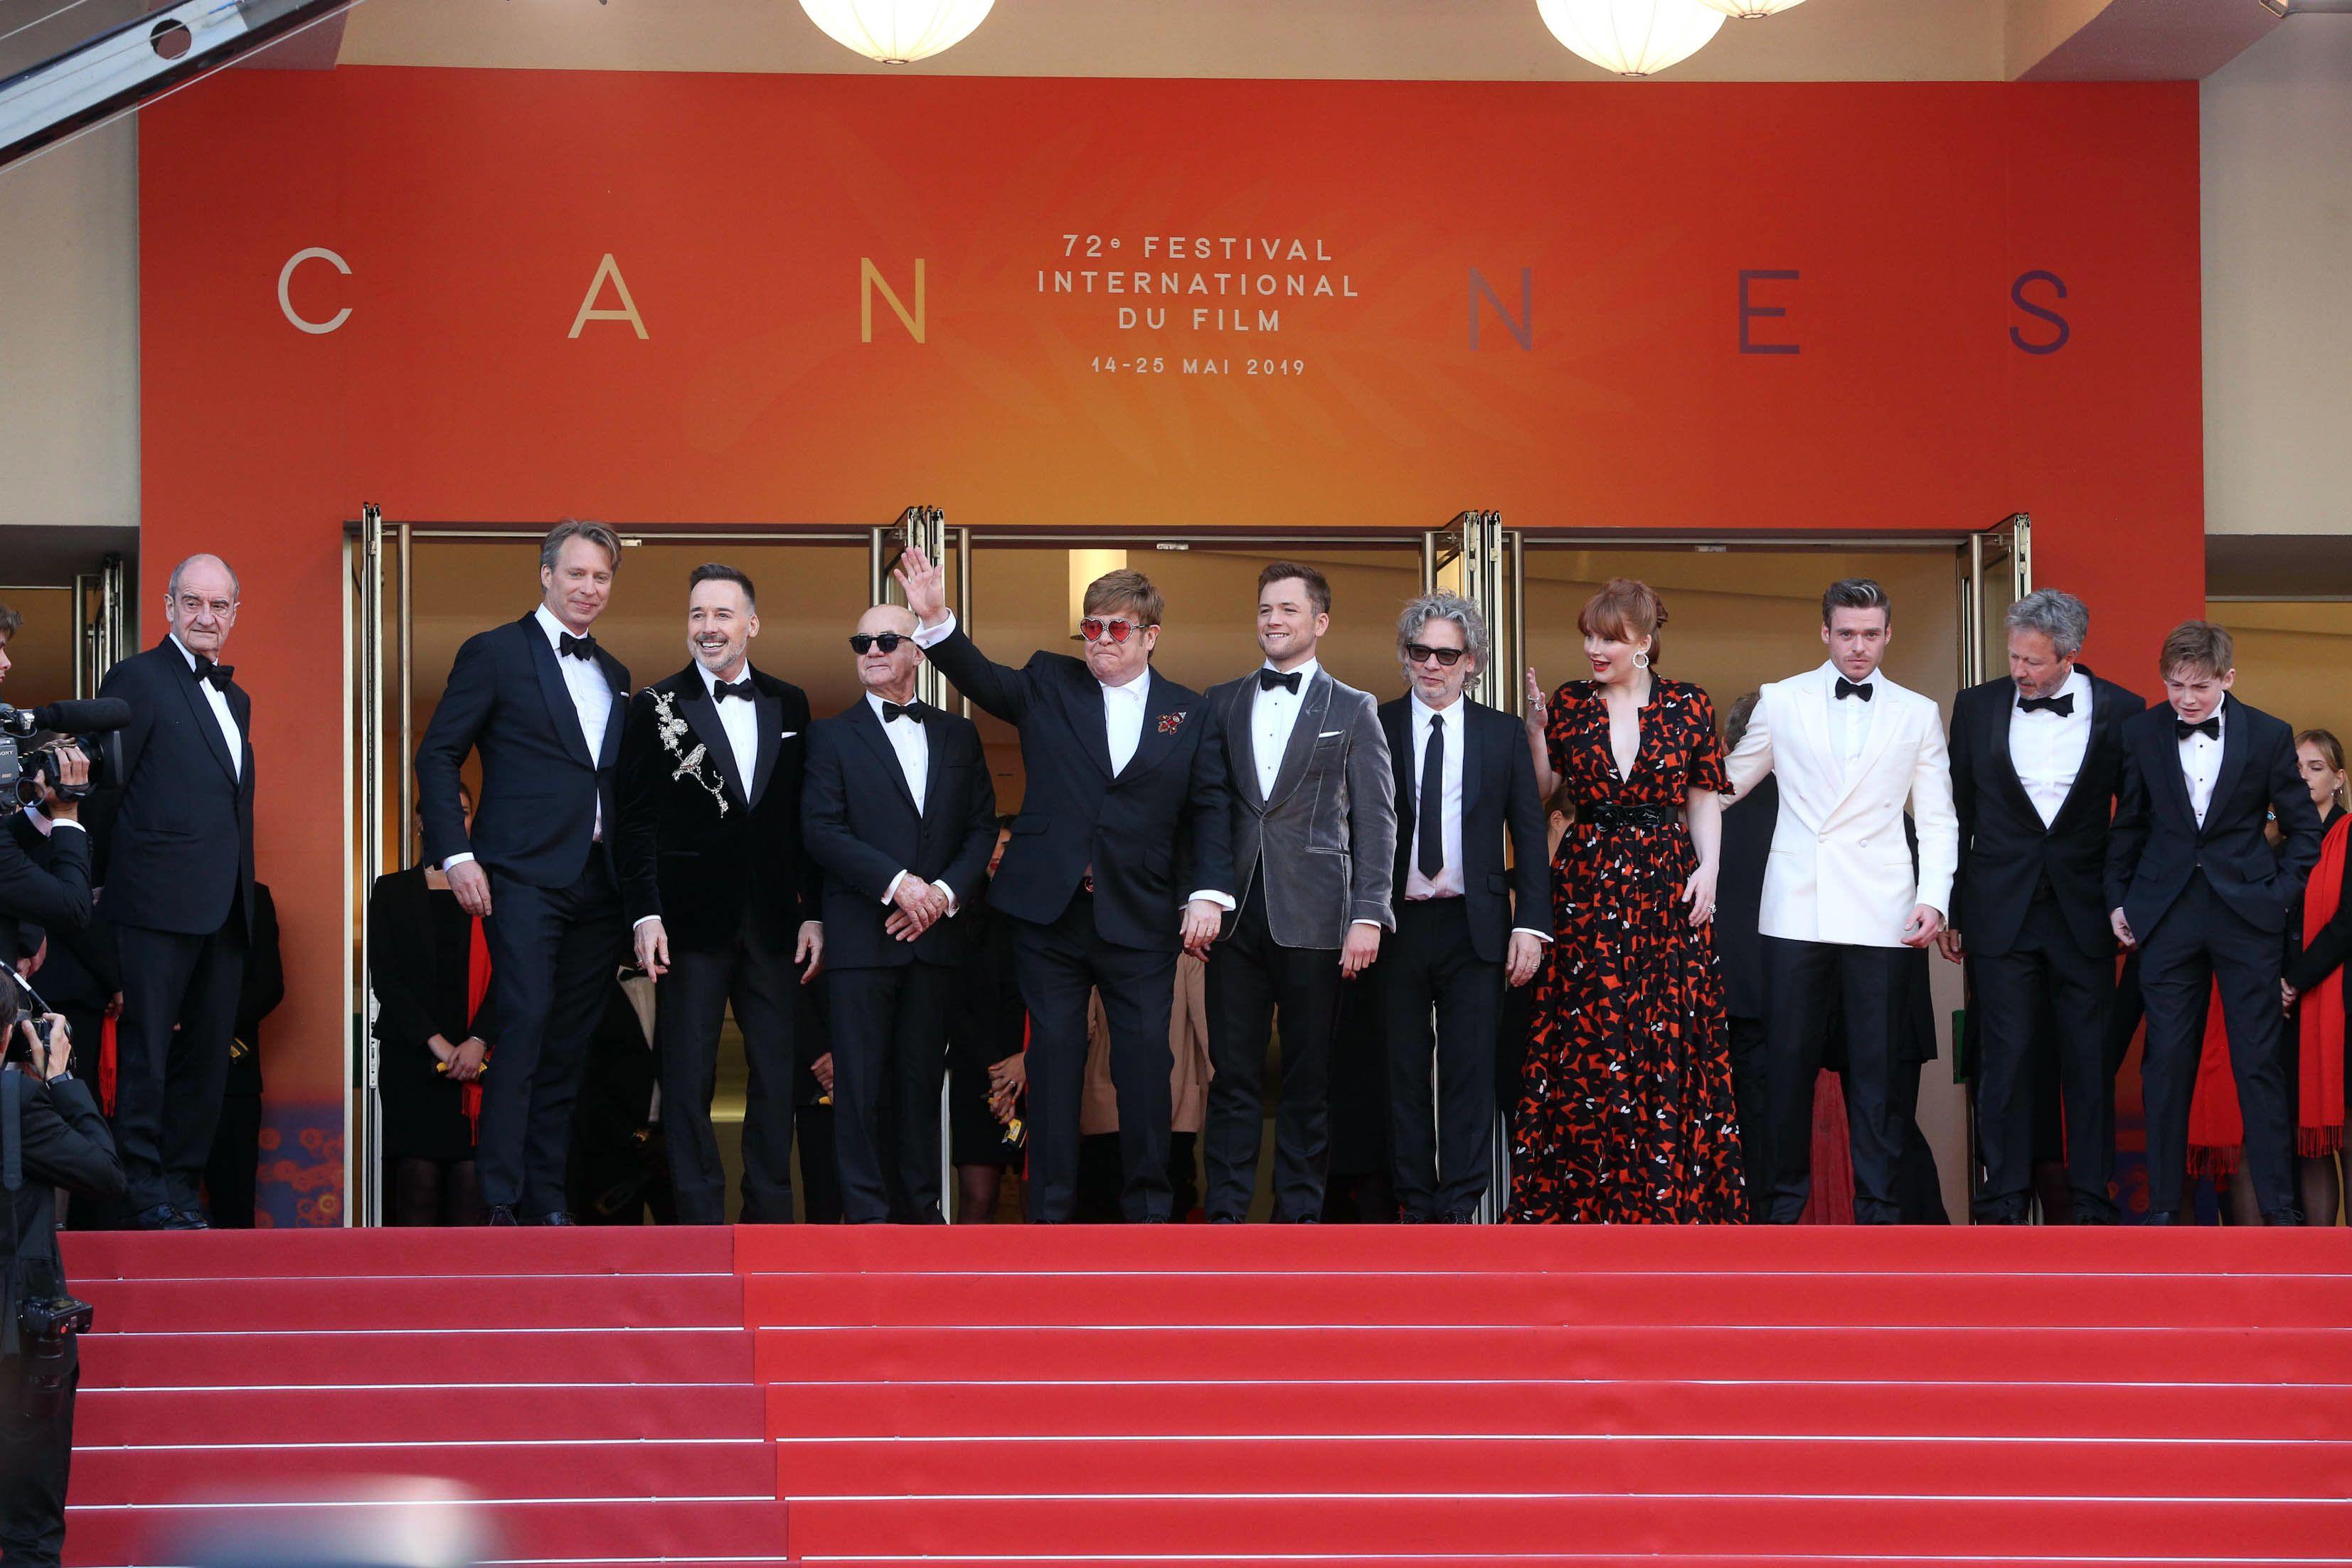 Cannes 2019 : Retour sur le Jour 3 du Festival